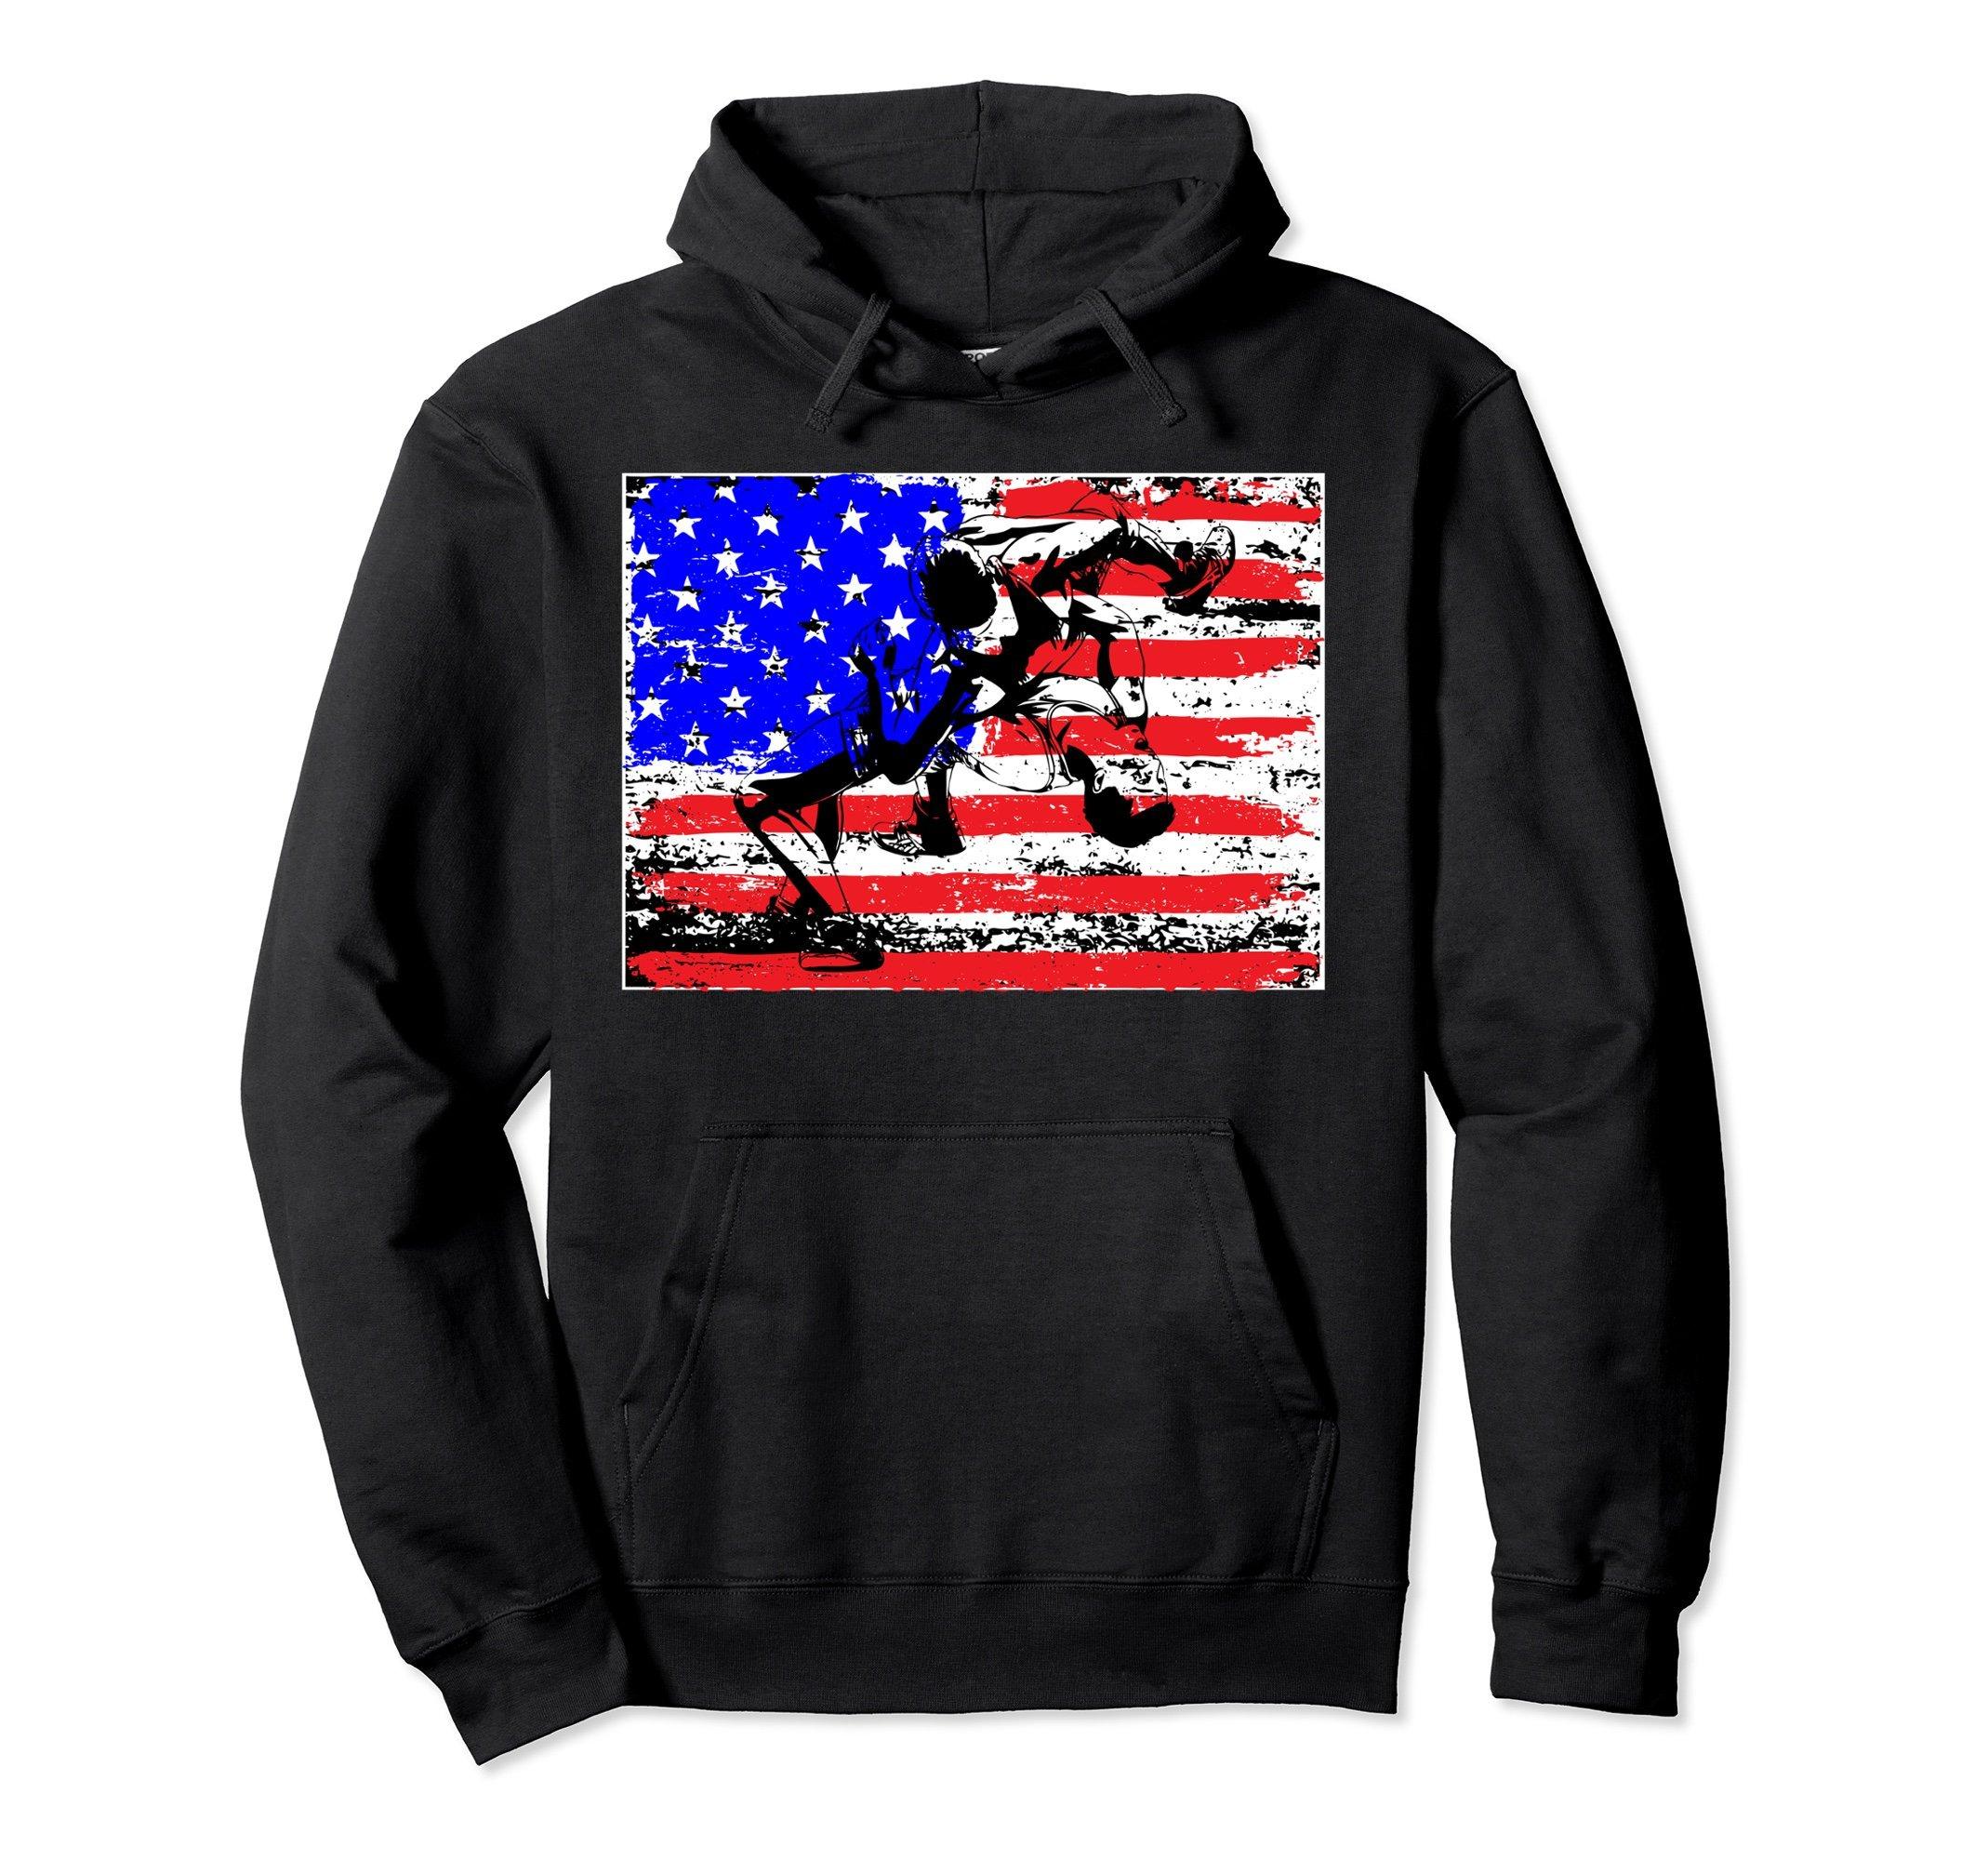 Unisex Wrestling Hoodie - Wrestling American Flag Sweatshirt 2XL Black